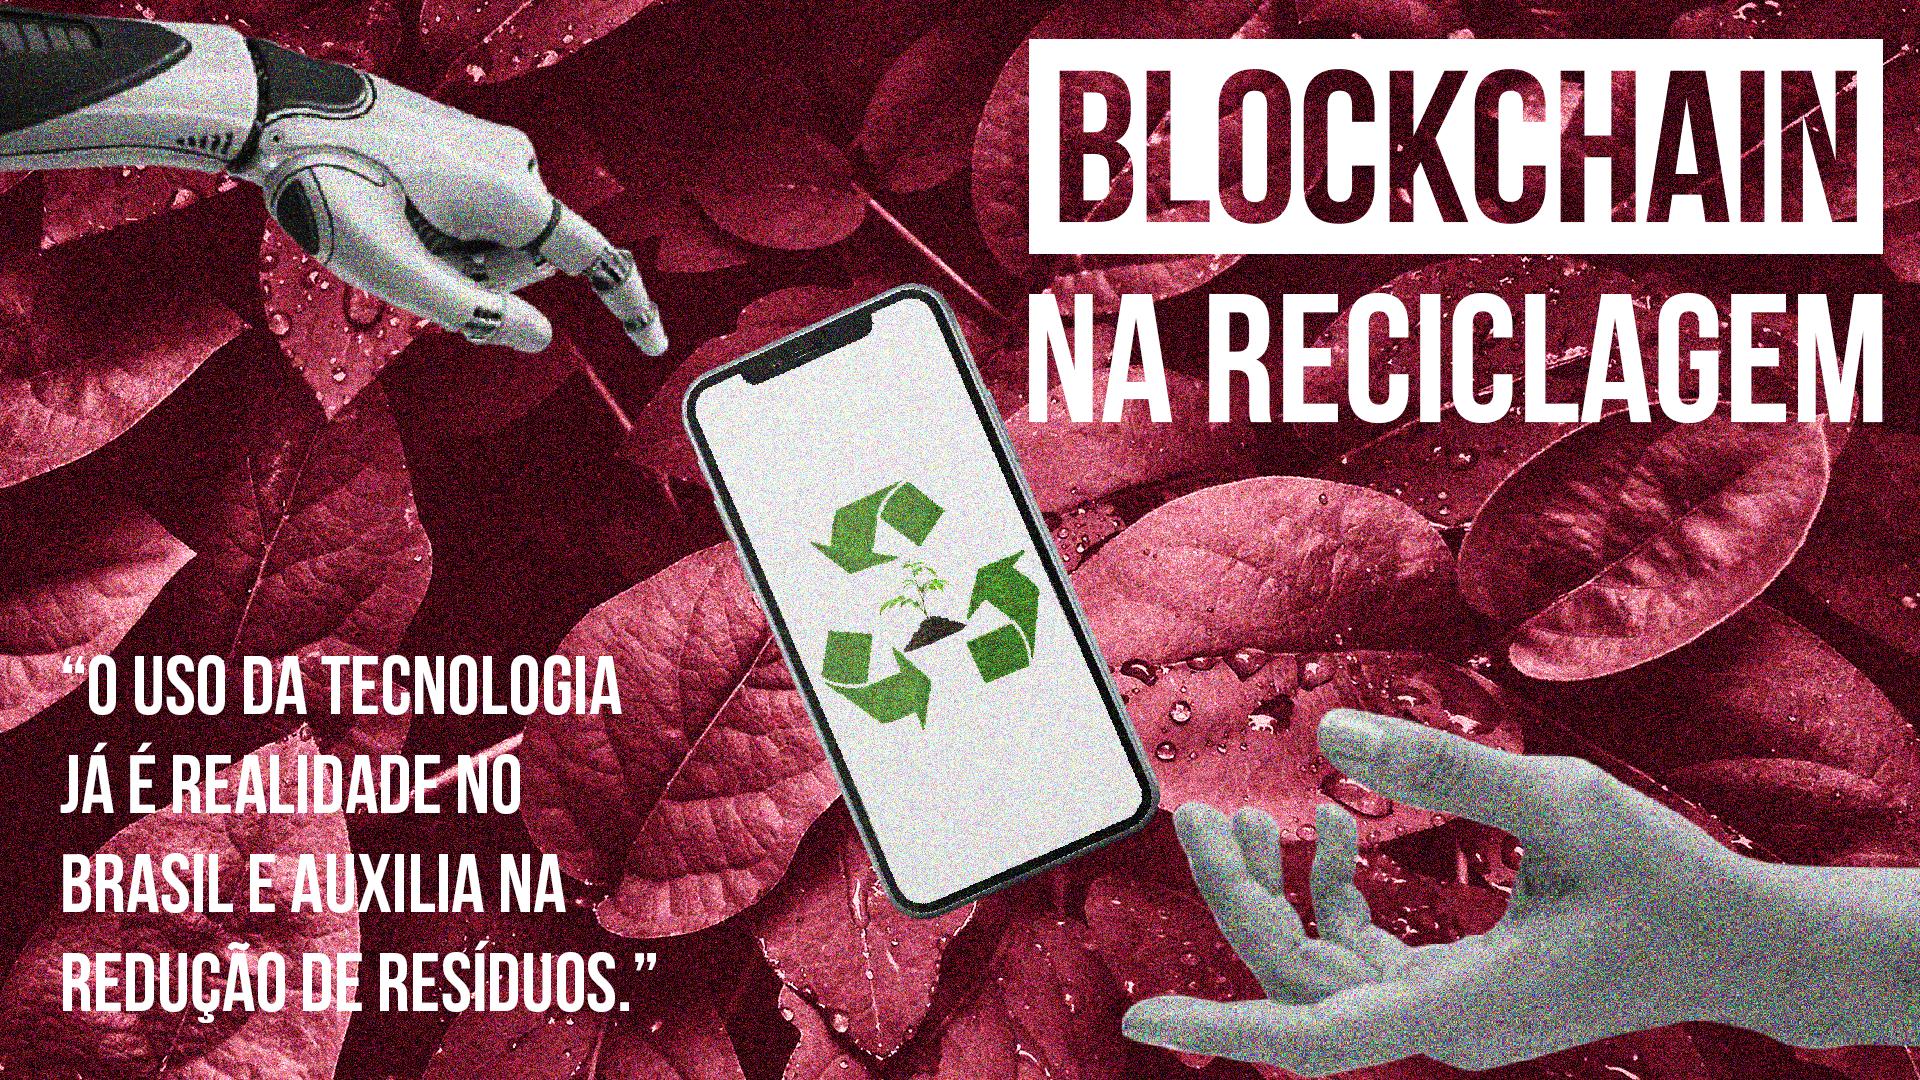 Blockchain, Reciclagem e Sustentabilidade